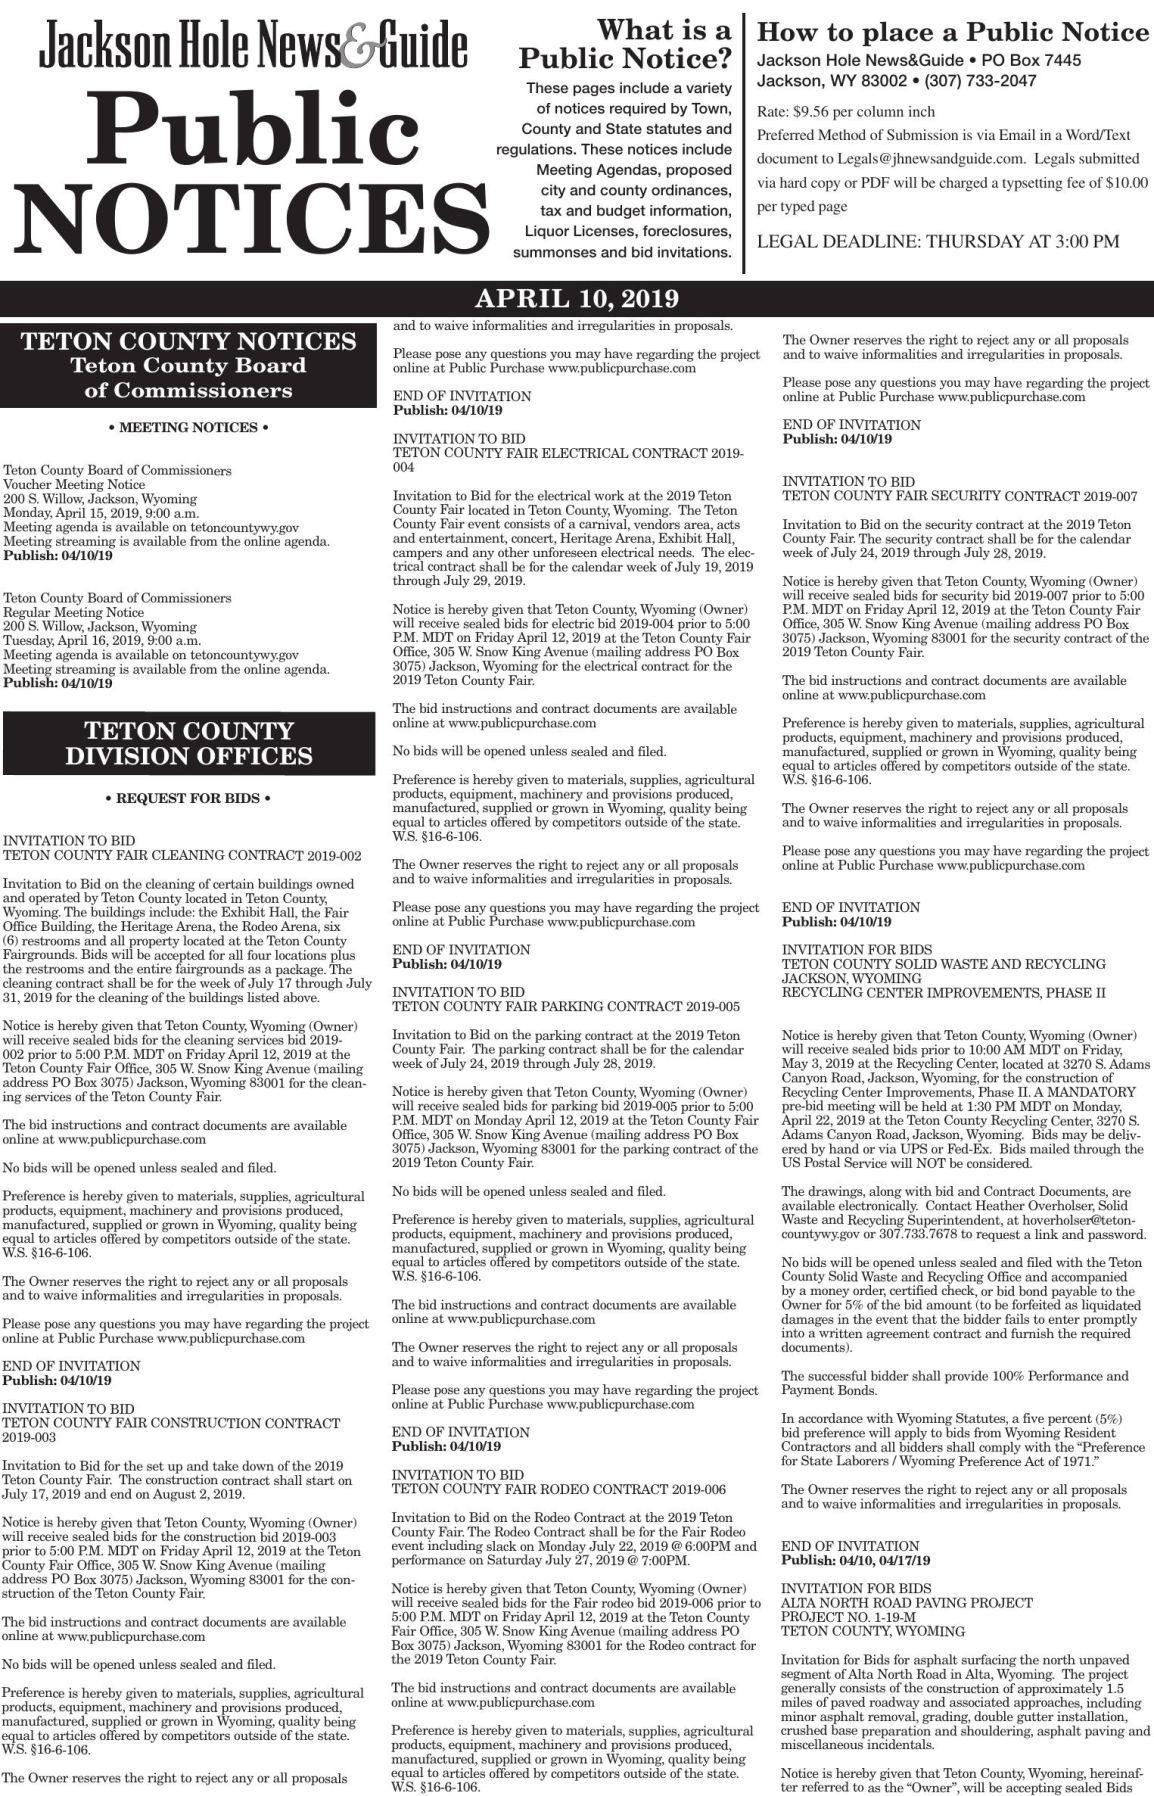 Public Notices, April 10, 2019